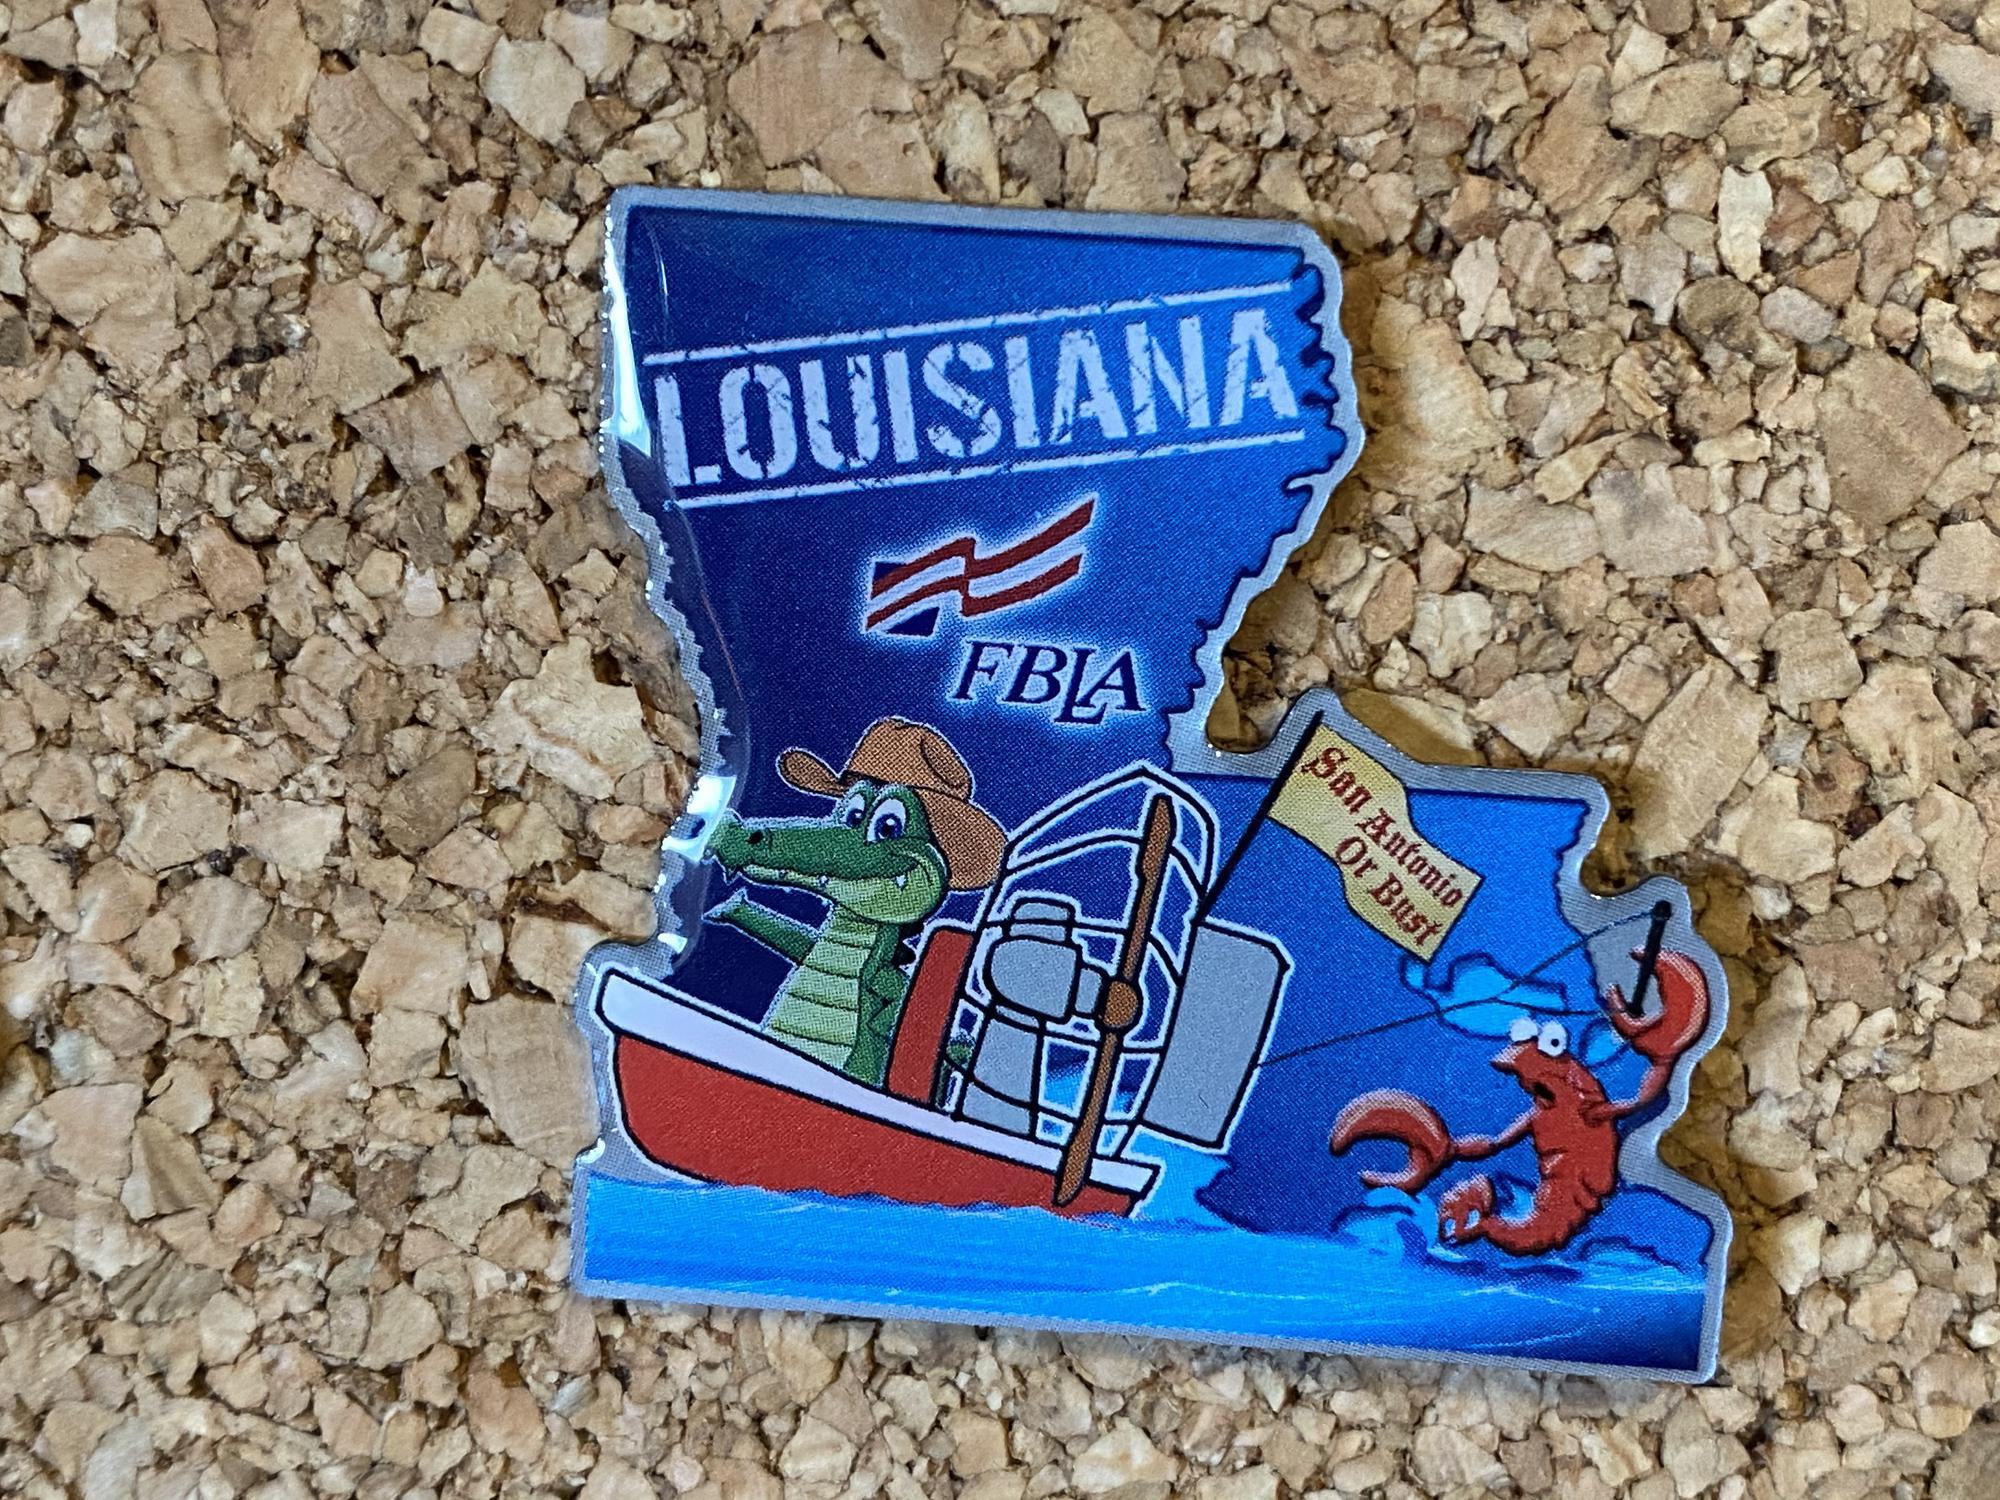 Louisiana FBLA 2019